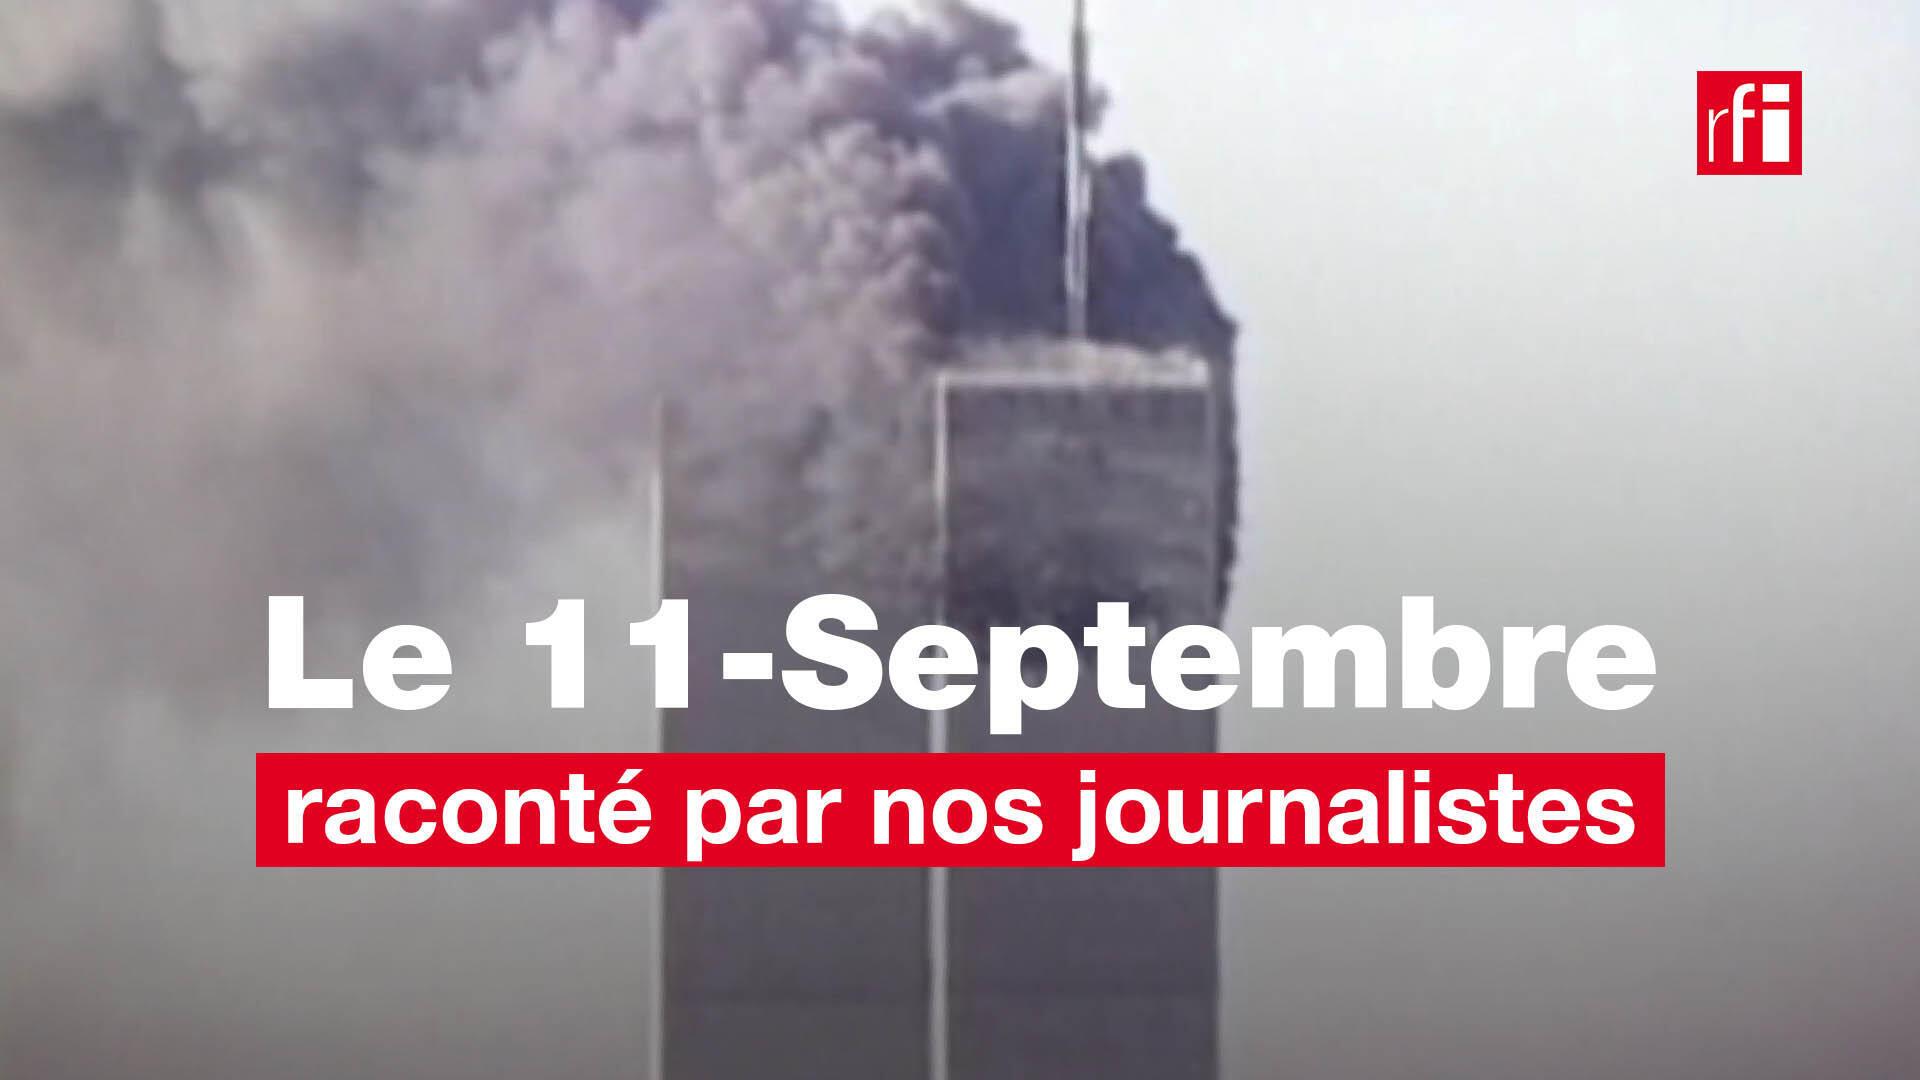 Vignette vidéo journalistes 11 sept 2001